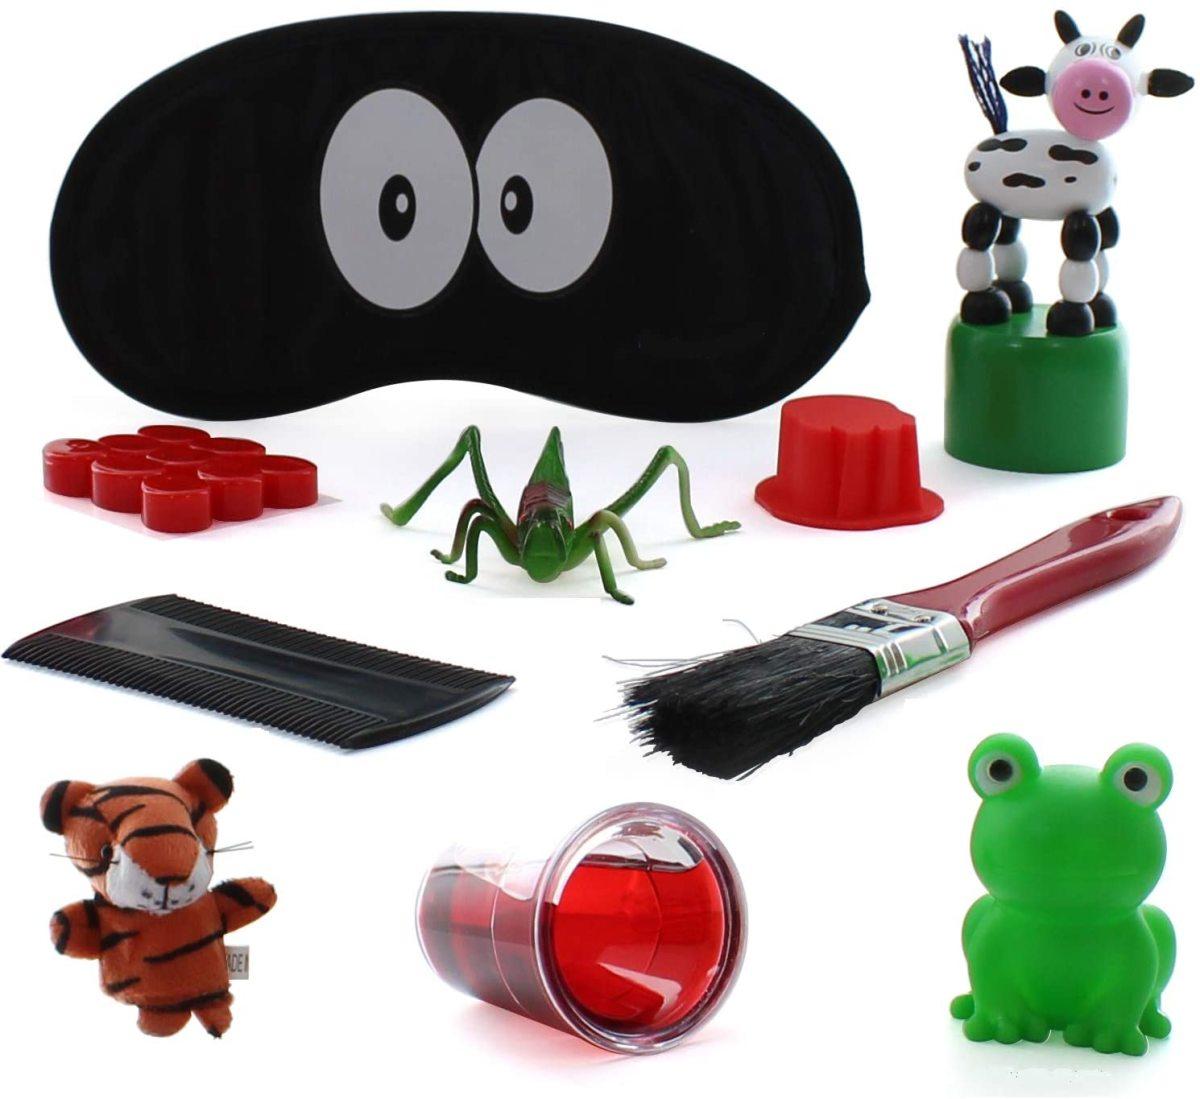 10 plagues kit